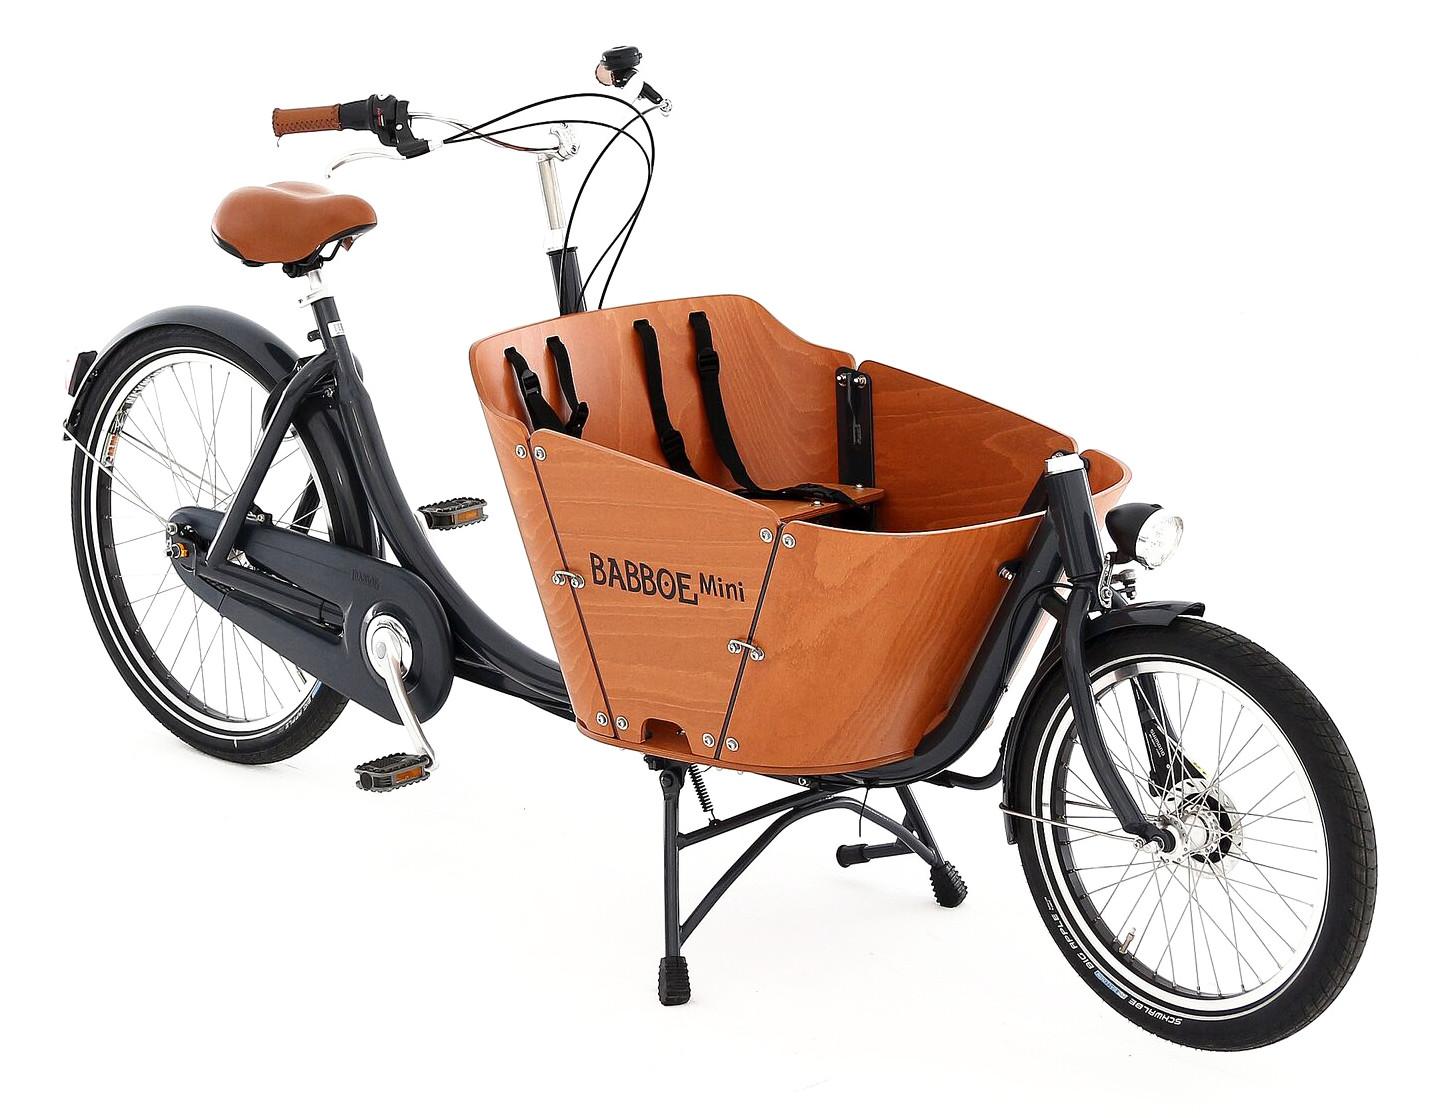 Biporteur Mini Babboe - vélo famille - Blog vélo Amsterdam Air - Nouveauté